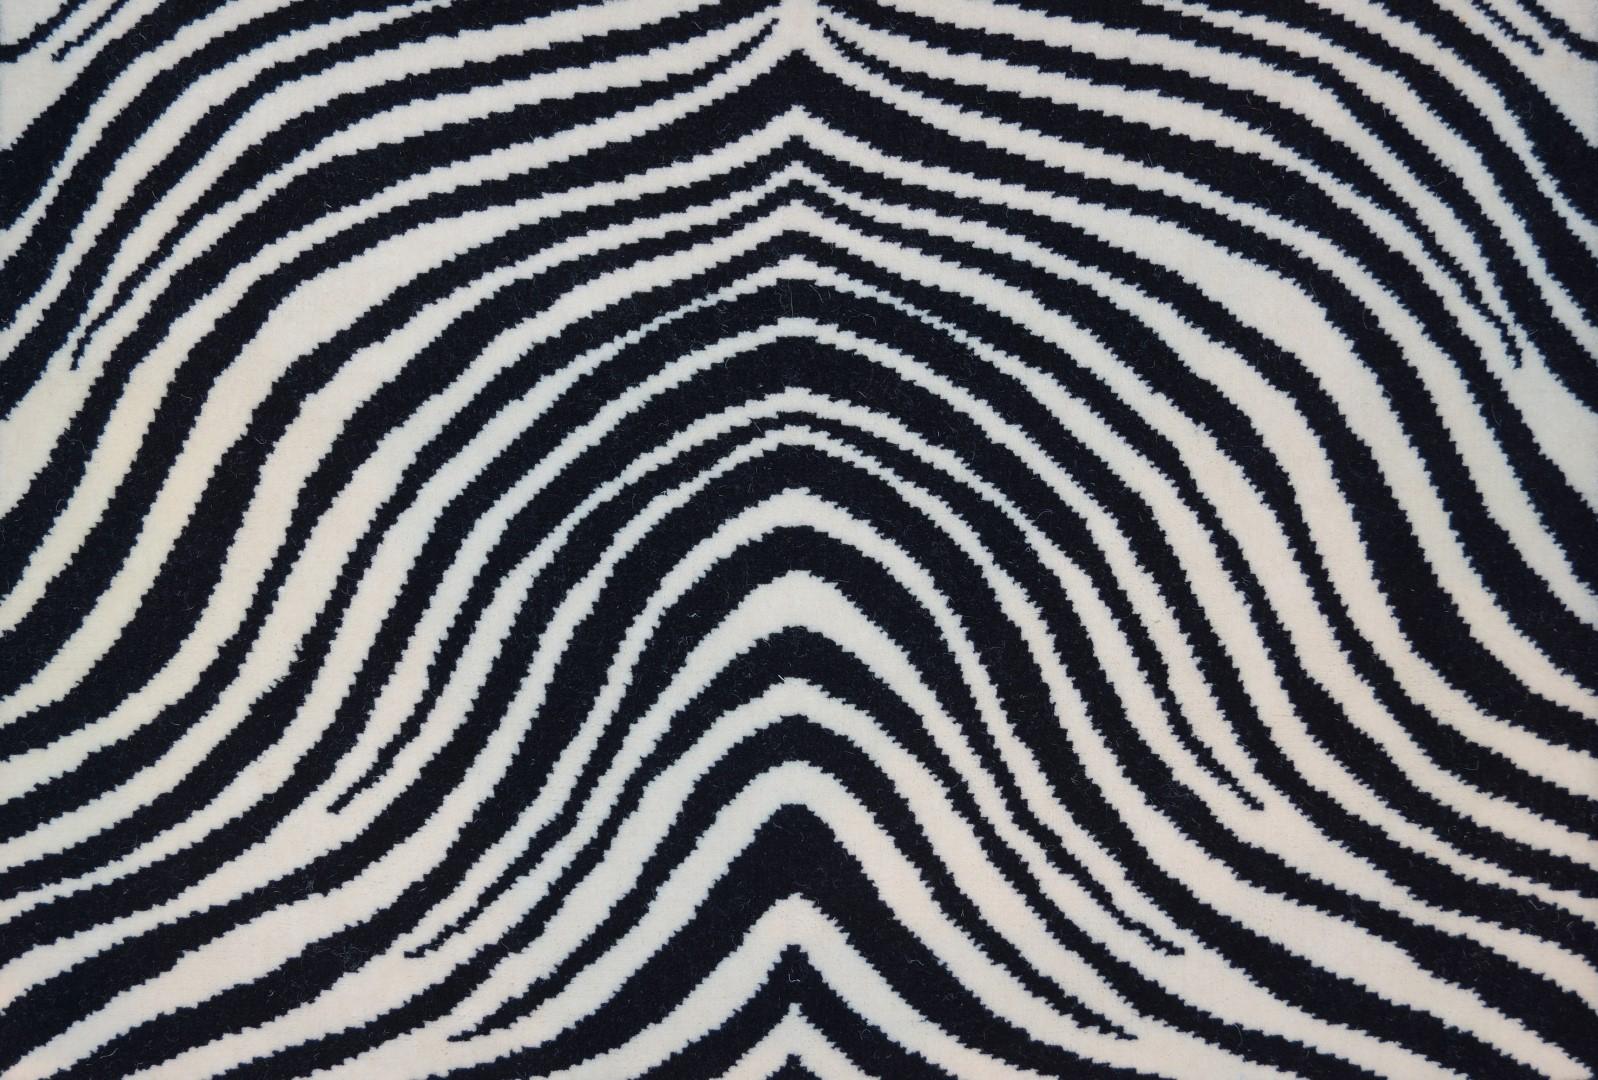 moquette tiss e 100 laine motif z bre collection textile moquettes